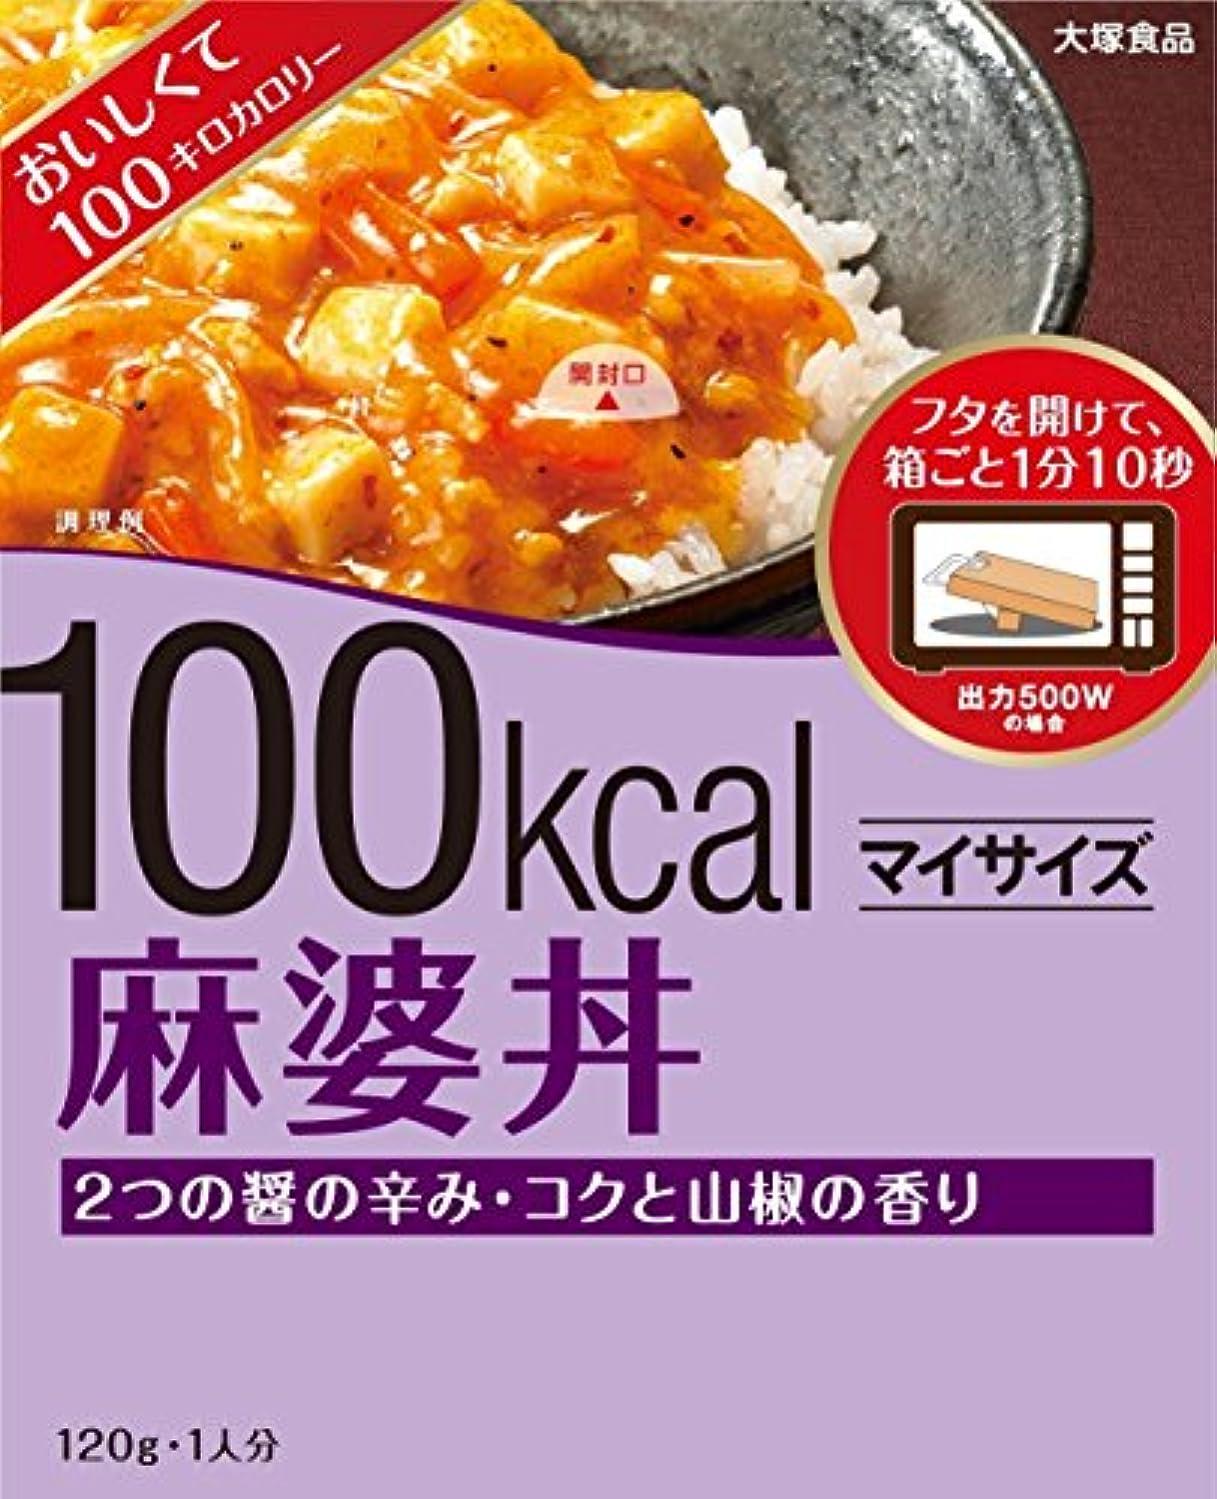 吸収炭水化物公大塚 マイサイズ 麻婆丼 120g【5個セット】